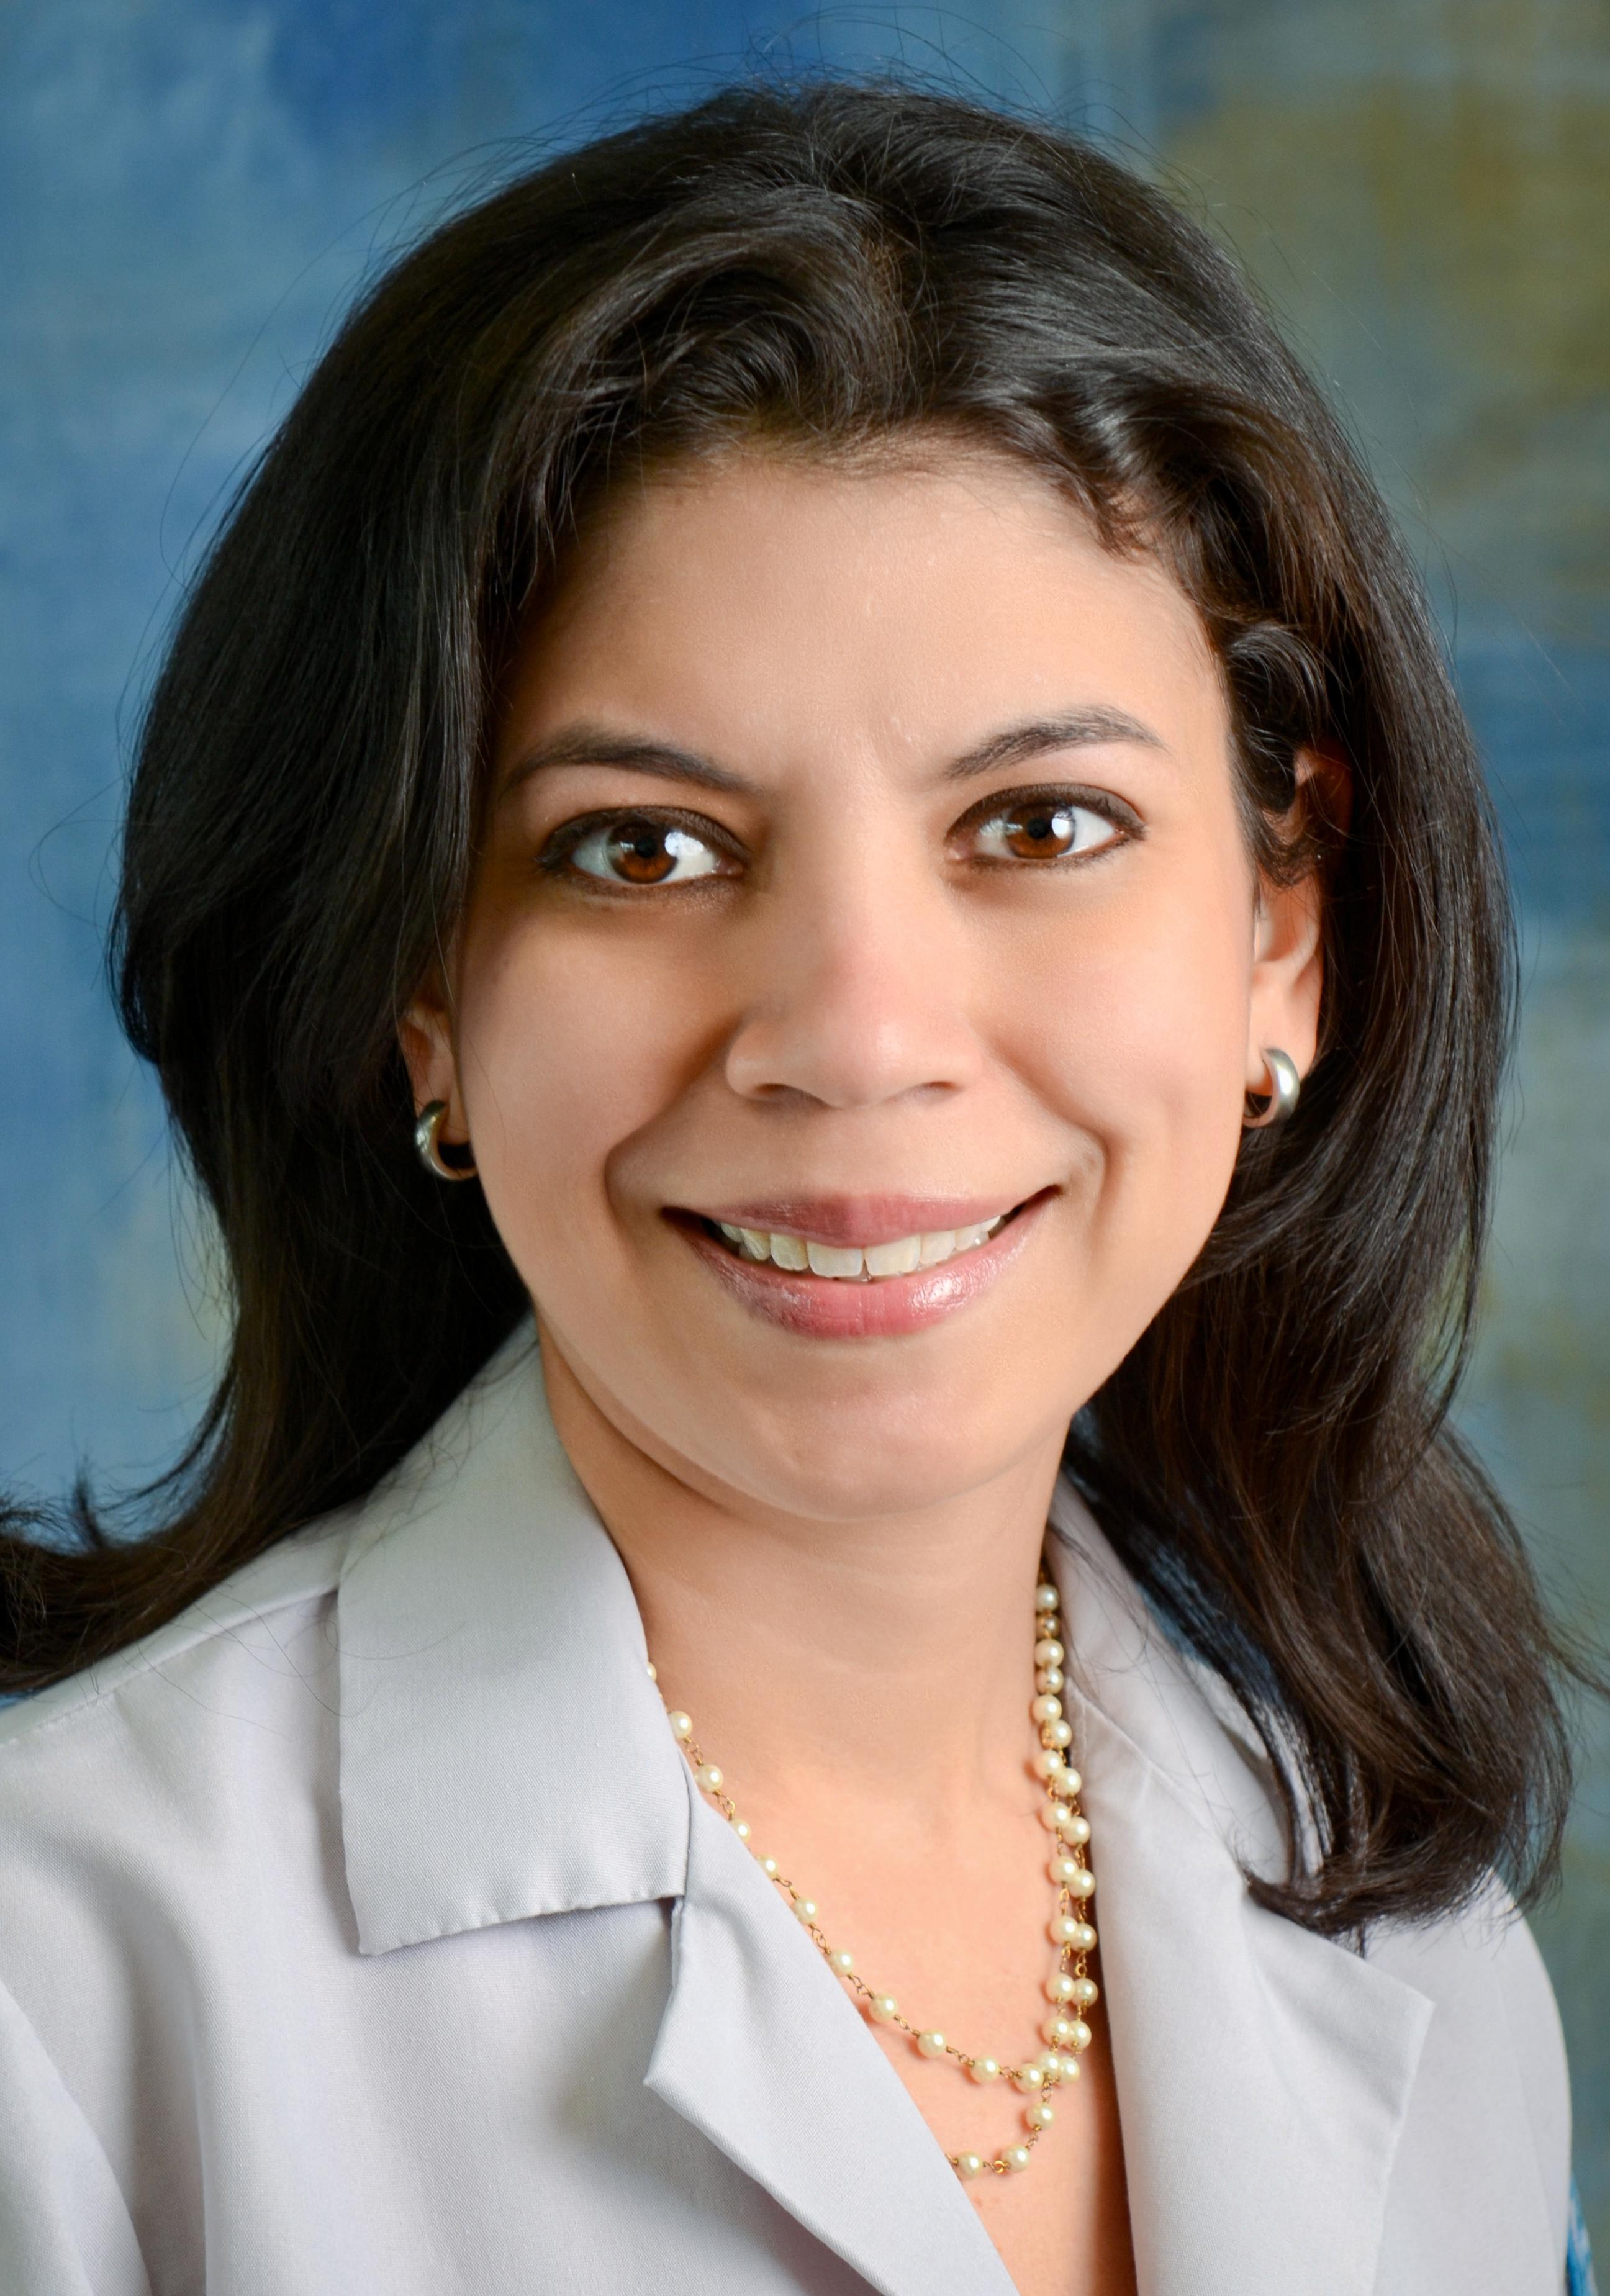 Rosibell D. Arcia-Diaz, MD